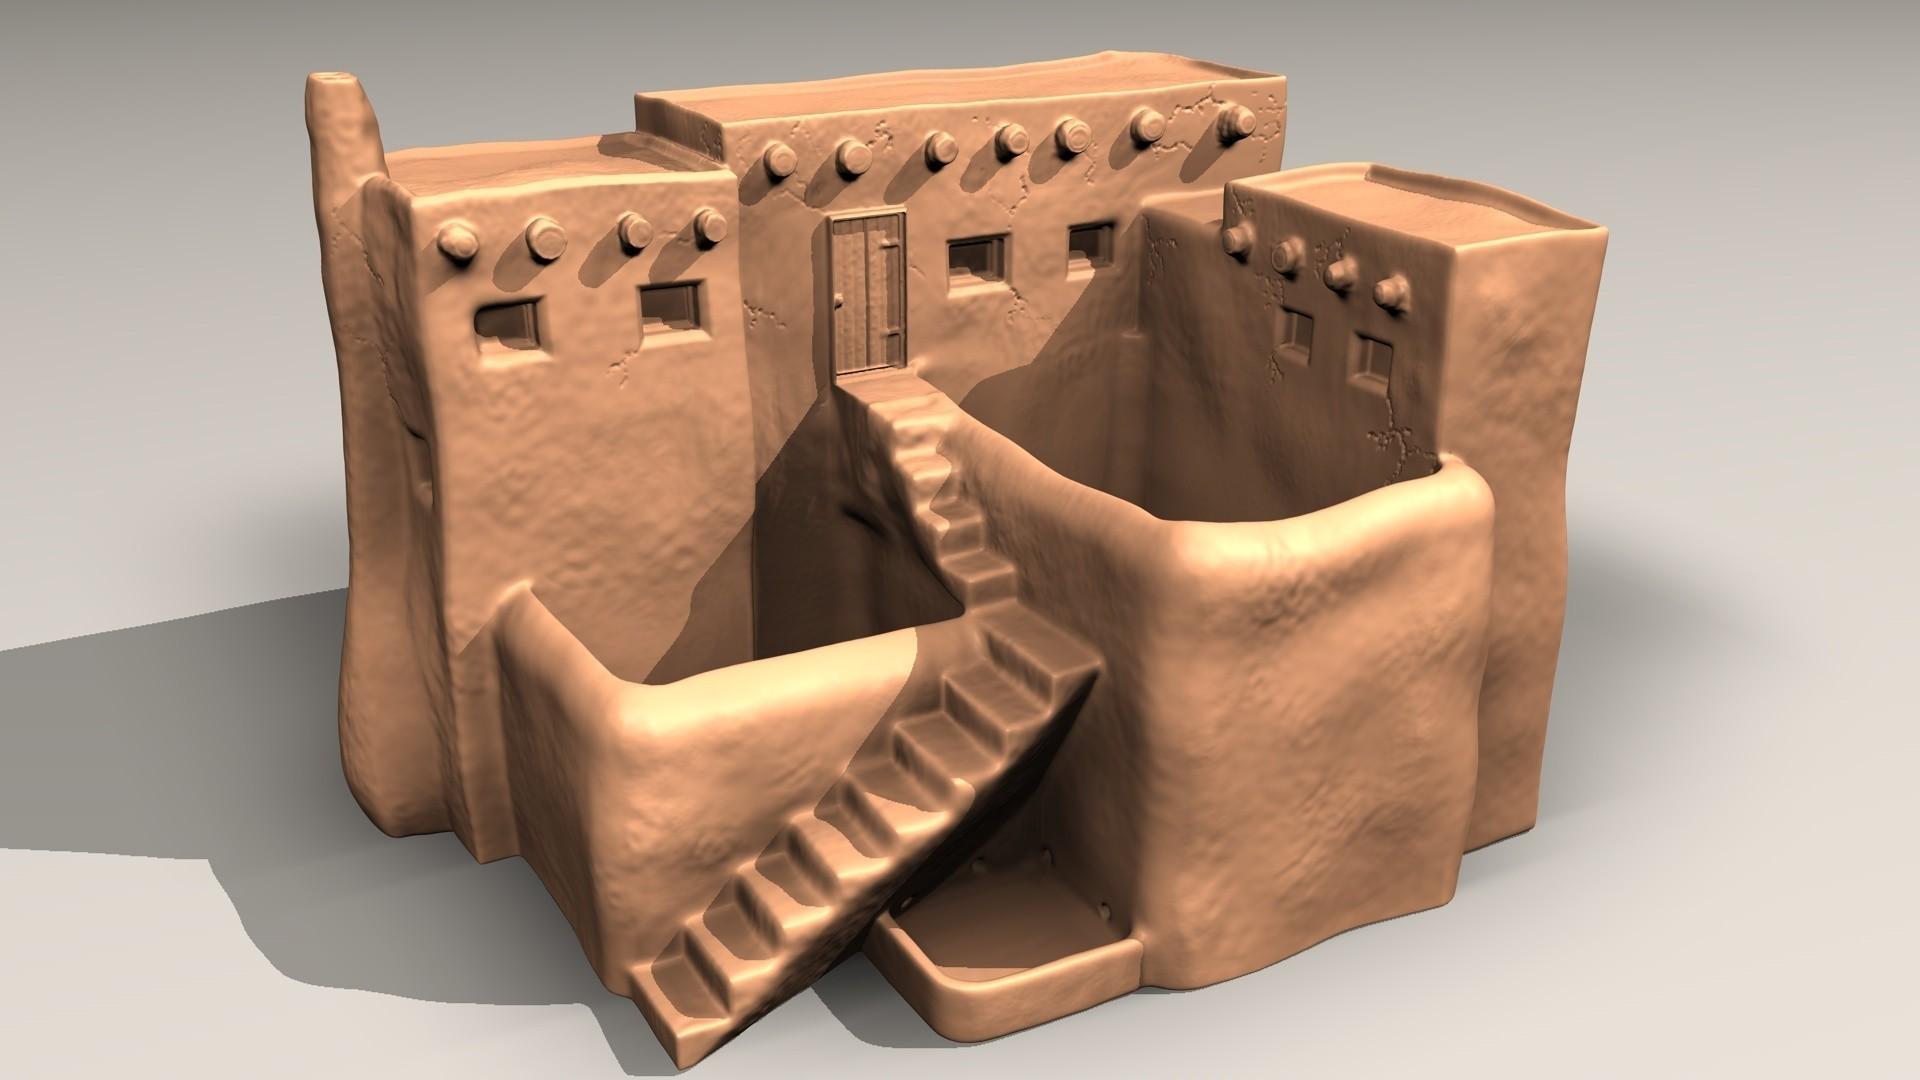 pueblo-A.jpg Download STL file Pueblo desk pot • 3D printer model, pumpkinhead3d